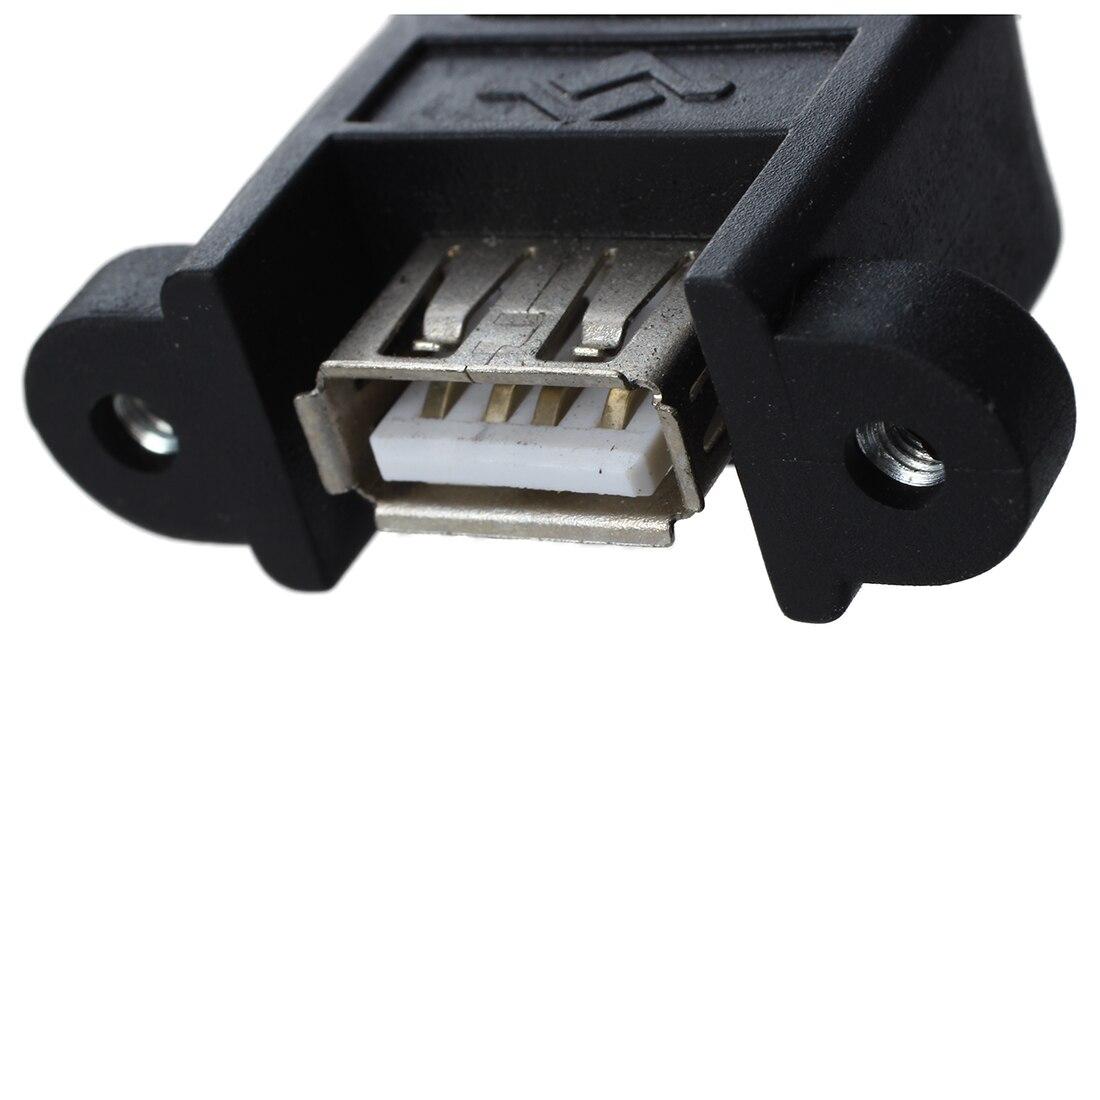 HHTL-Inverter 12V Converter Transformer to DC 5V 3A DC Converter USB Connection Cable 30 cm